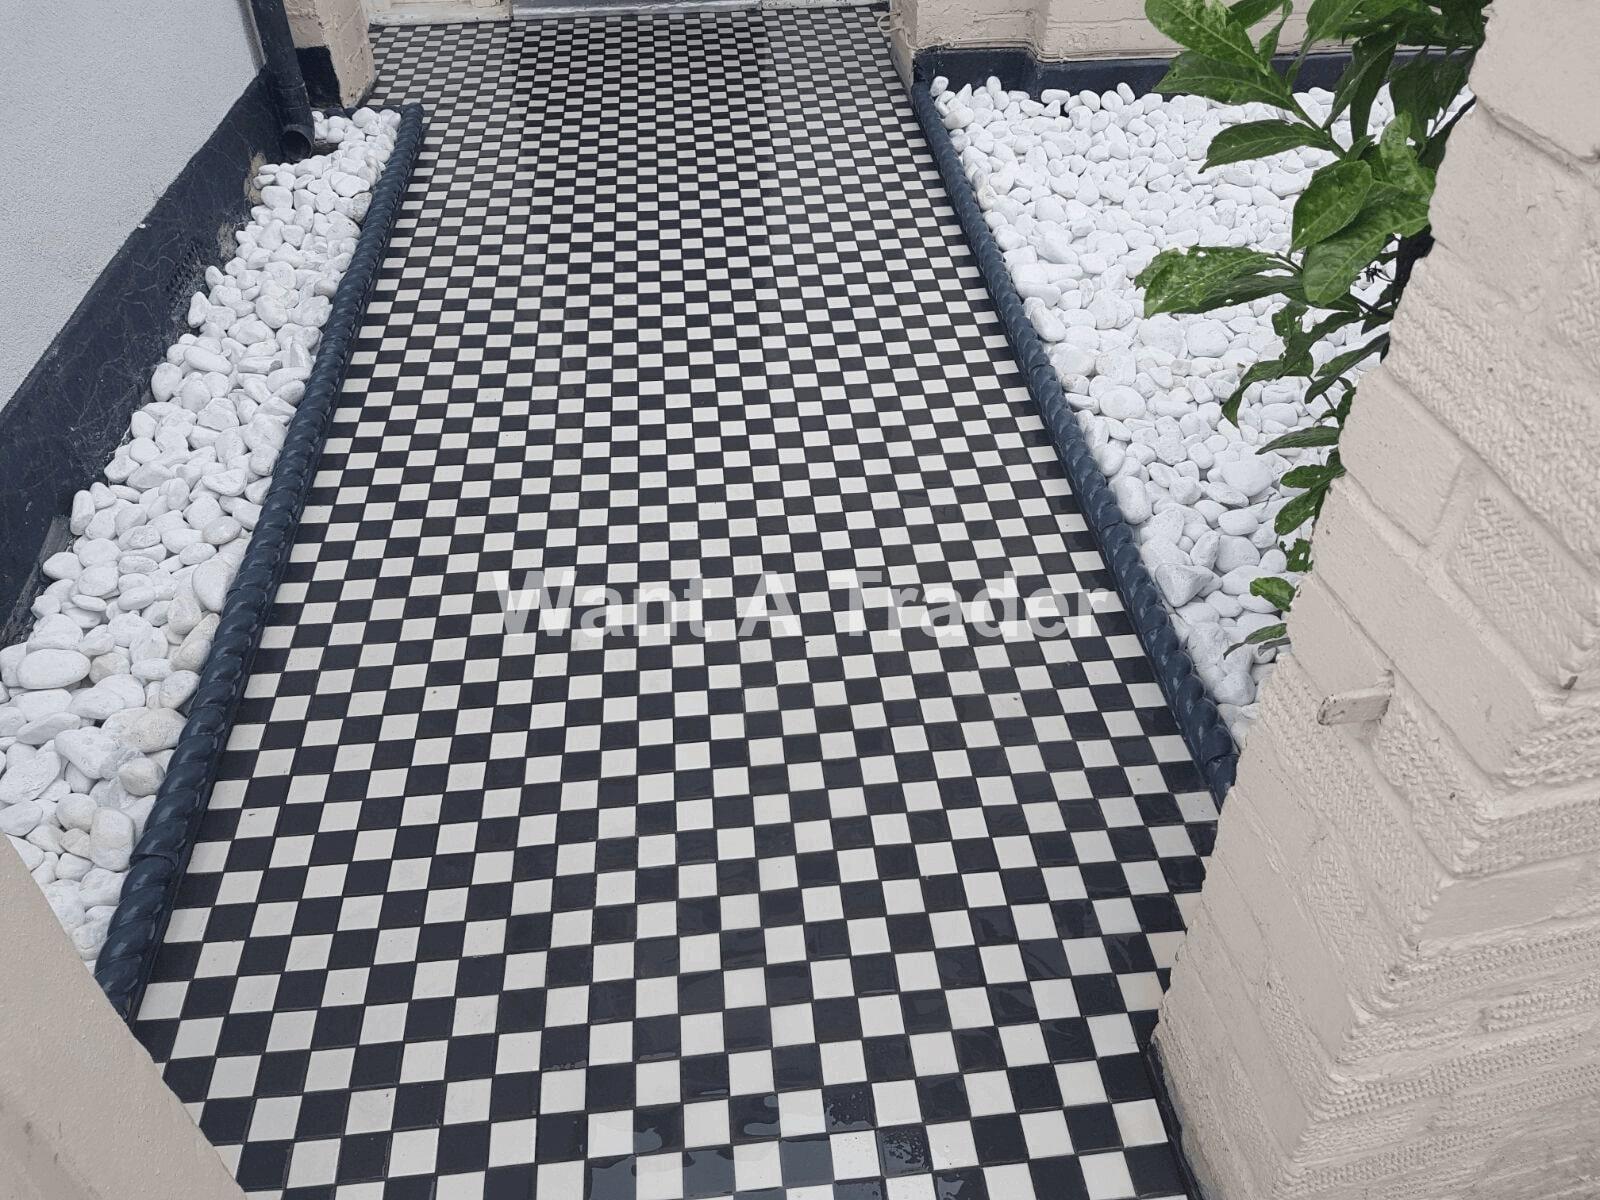 Garden Tiling Company Epsom KT19